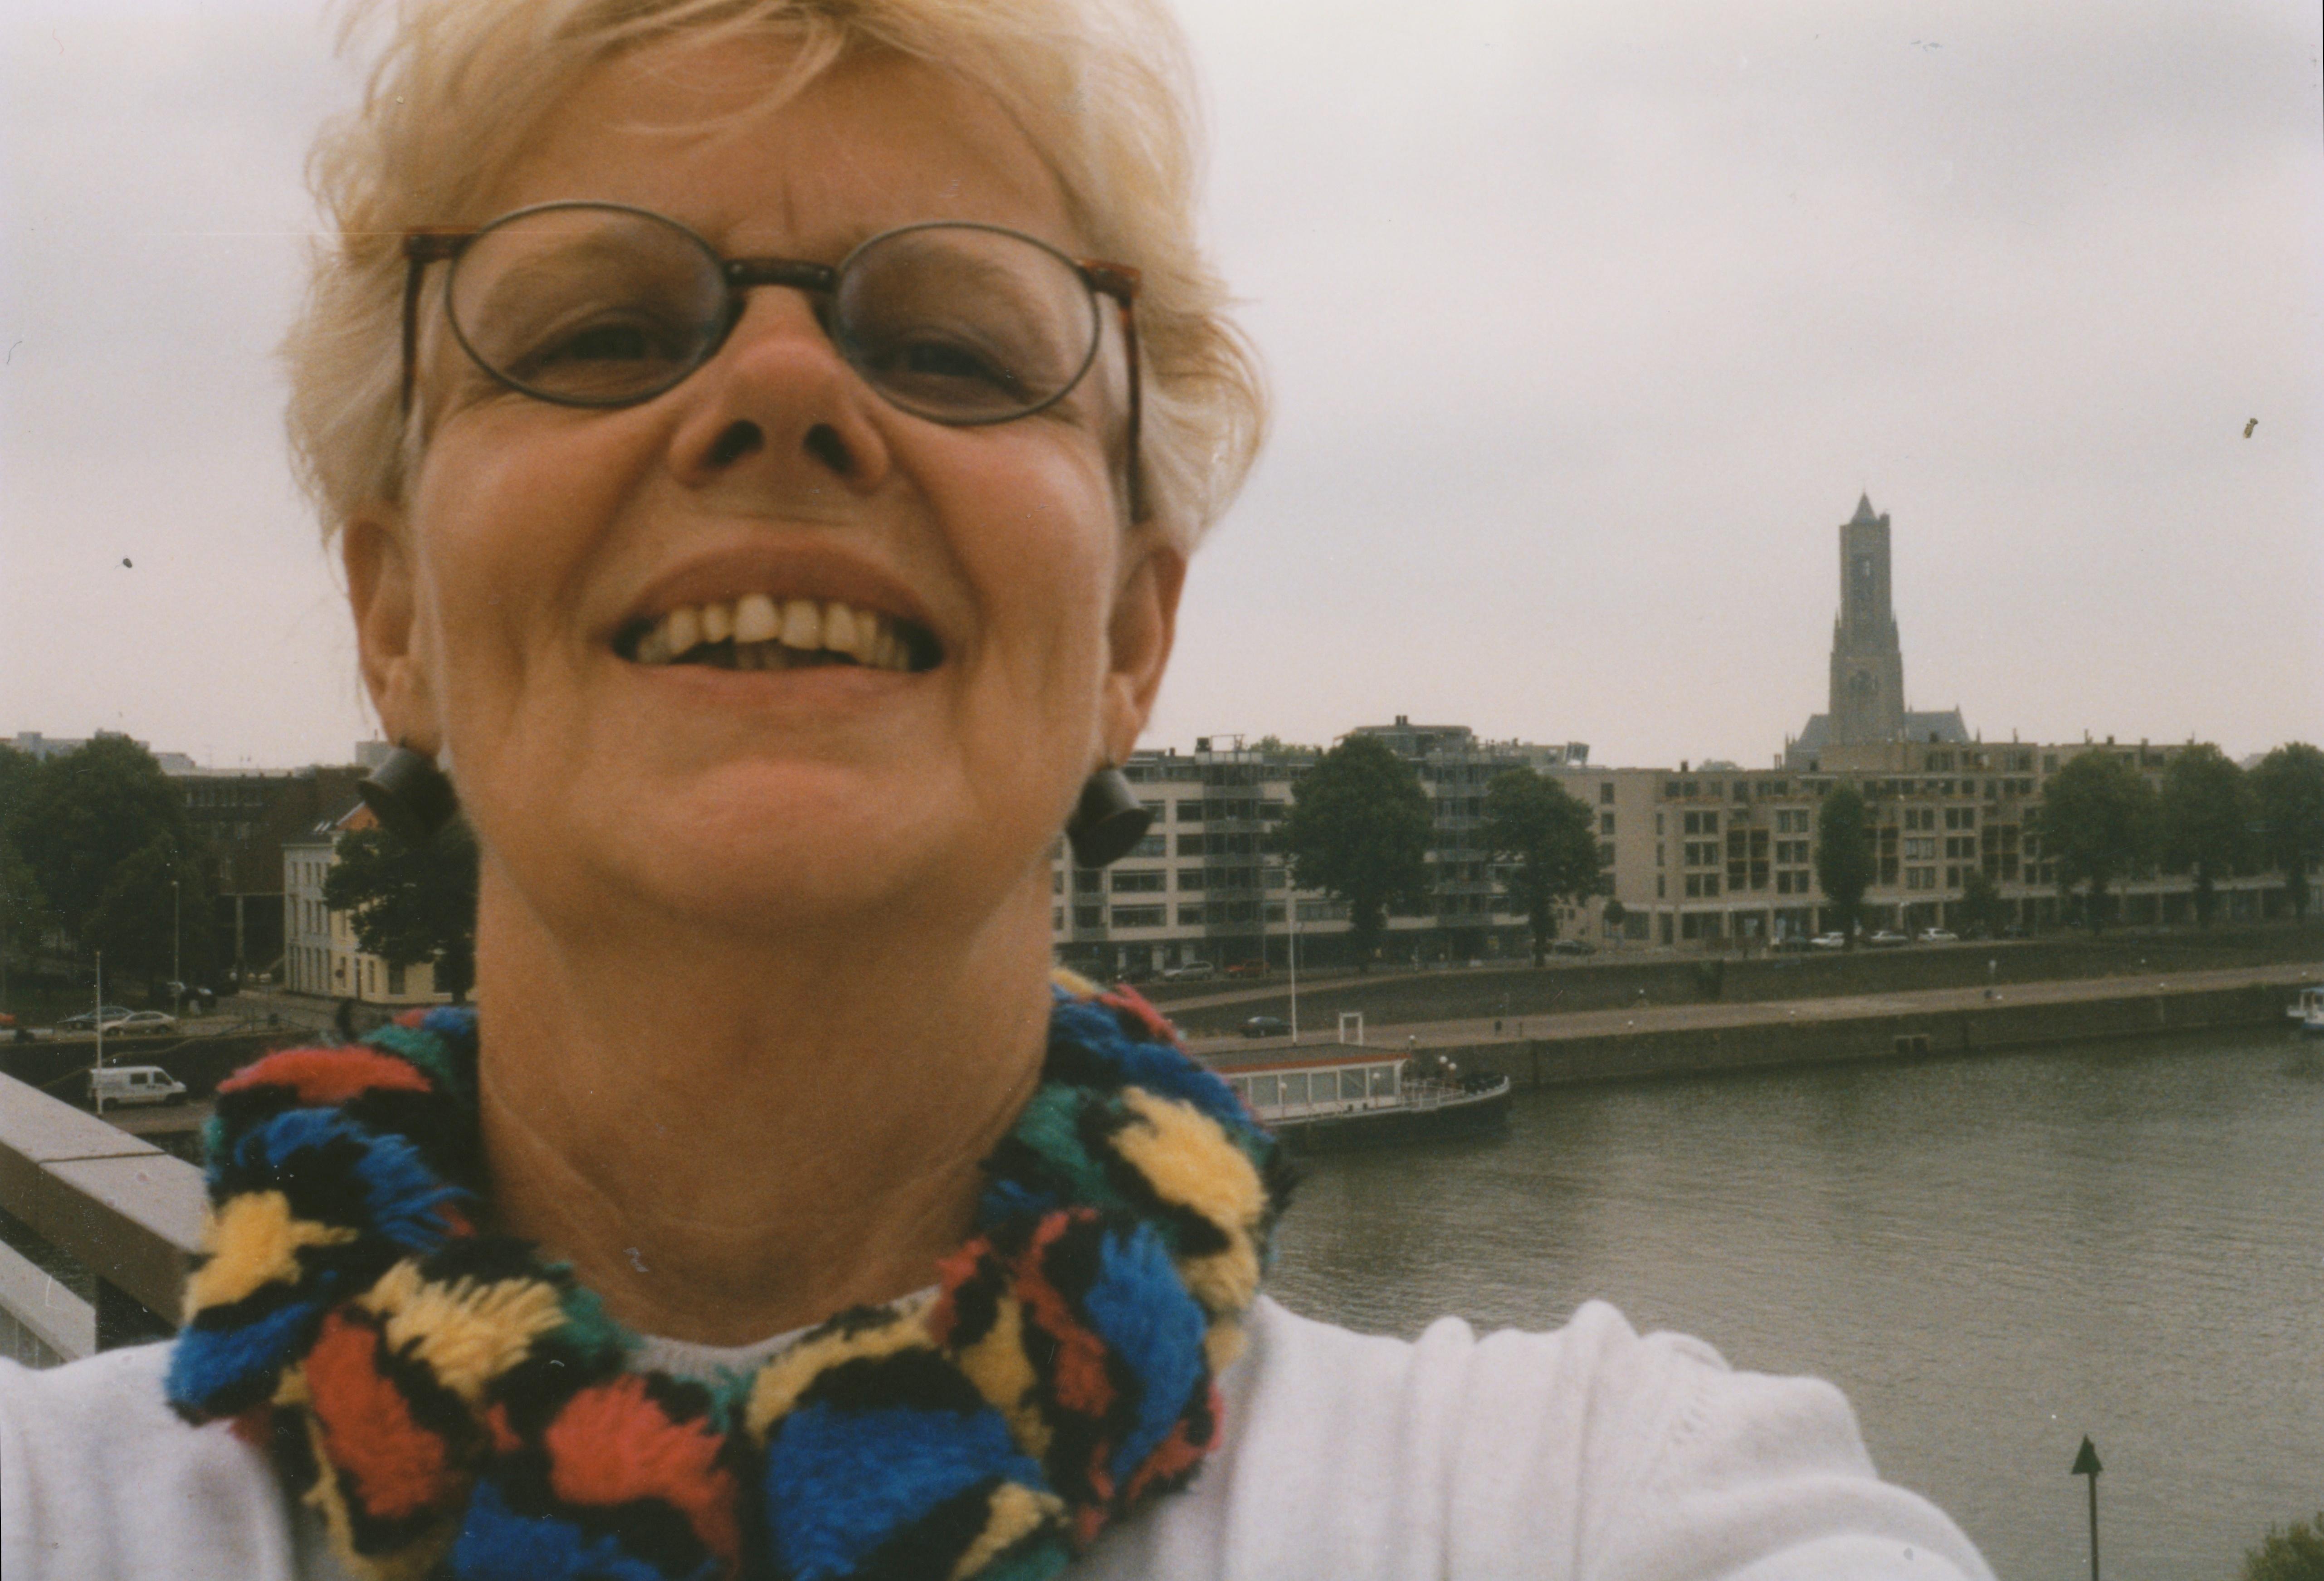 Claartje Keur, Zelfportret met halssieraad van Beppe Kessler, Arnhem, Rijn, 29 juli 1998. Foto Claartje Keur